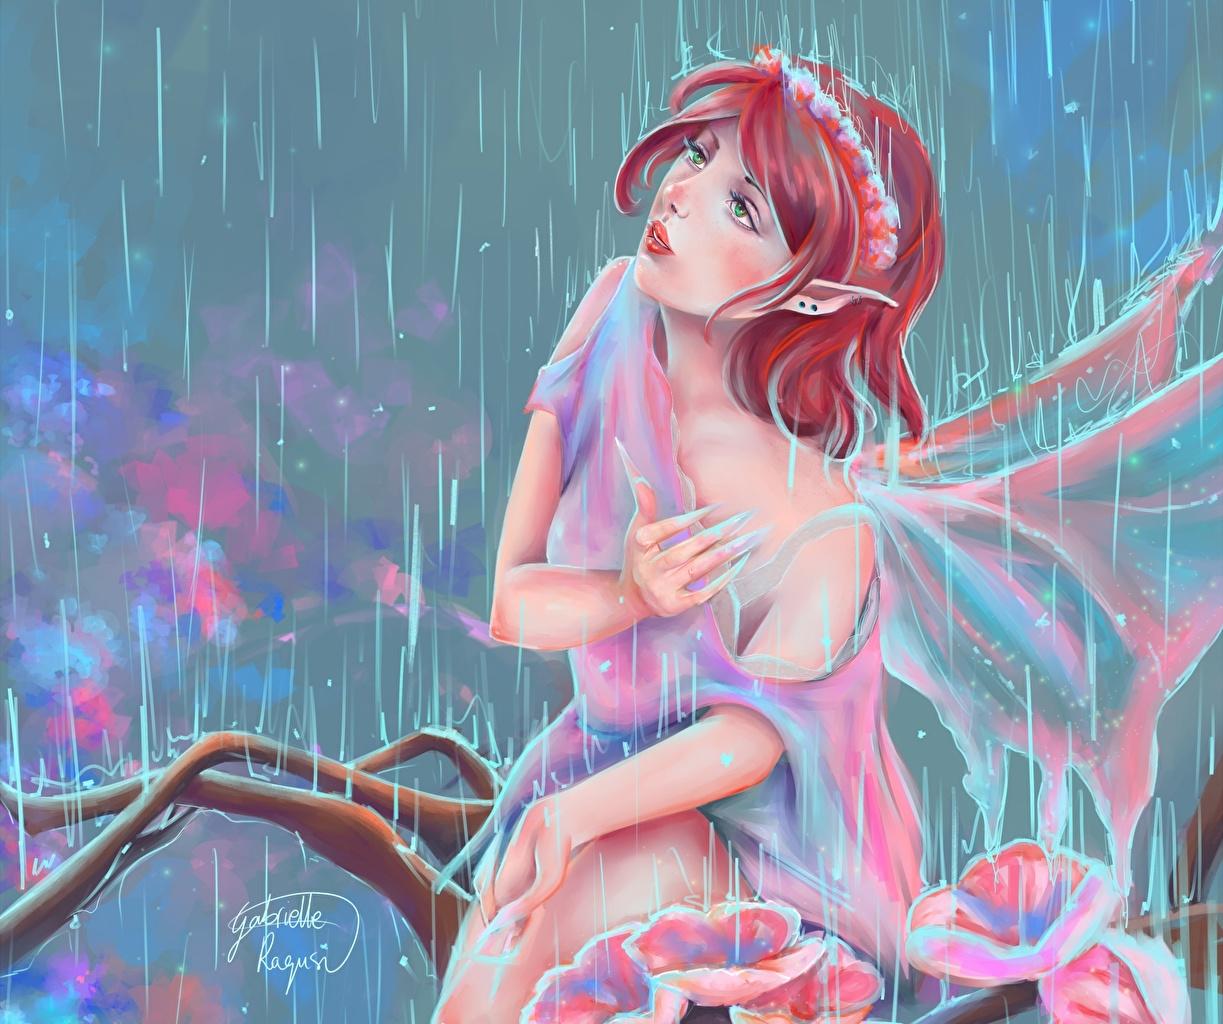 Фото Феи Рыжая Фэнтези Девушки Дождь Рисованные рыжие рыжих девушка Фантастика молодая женщина молодые женщины